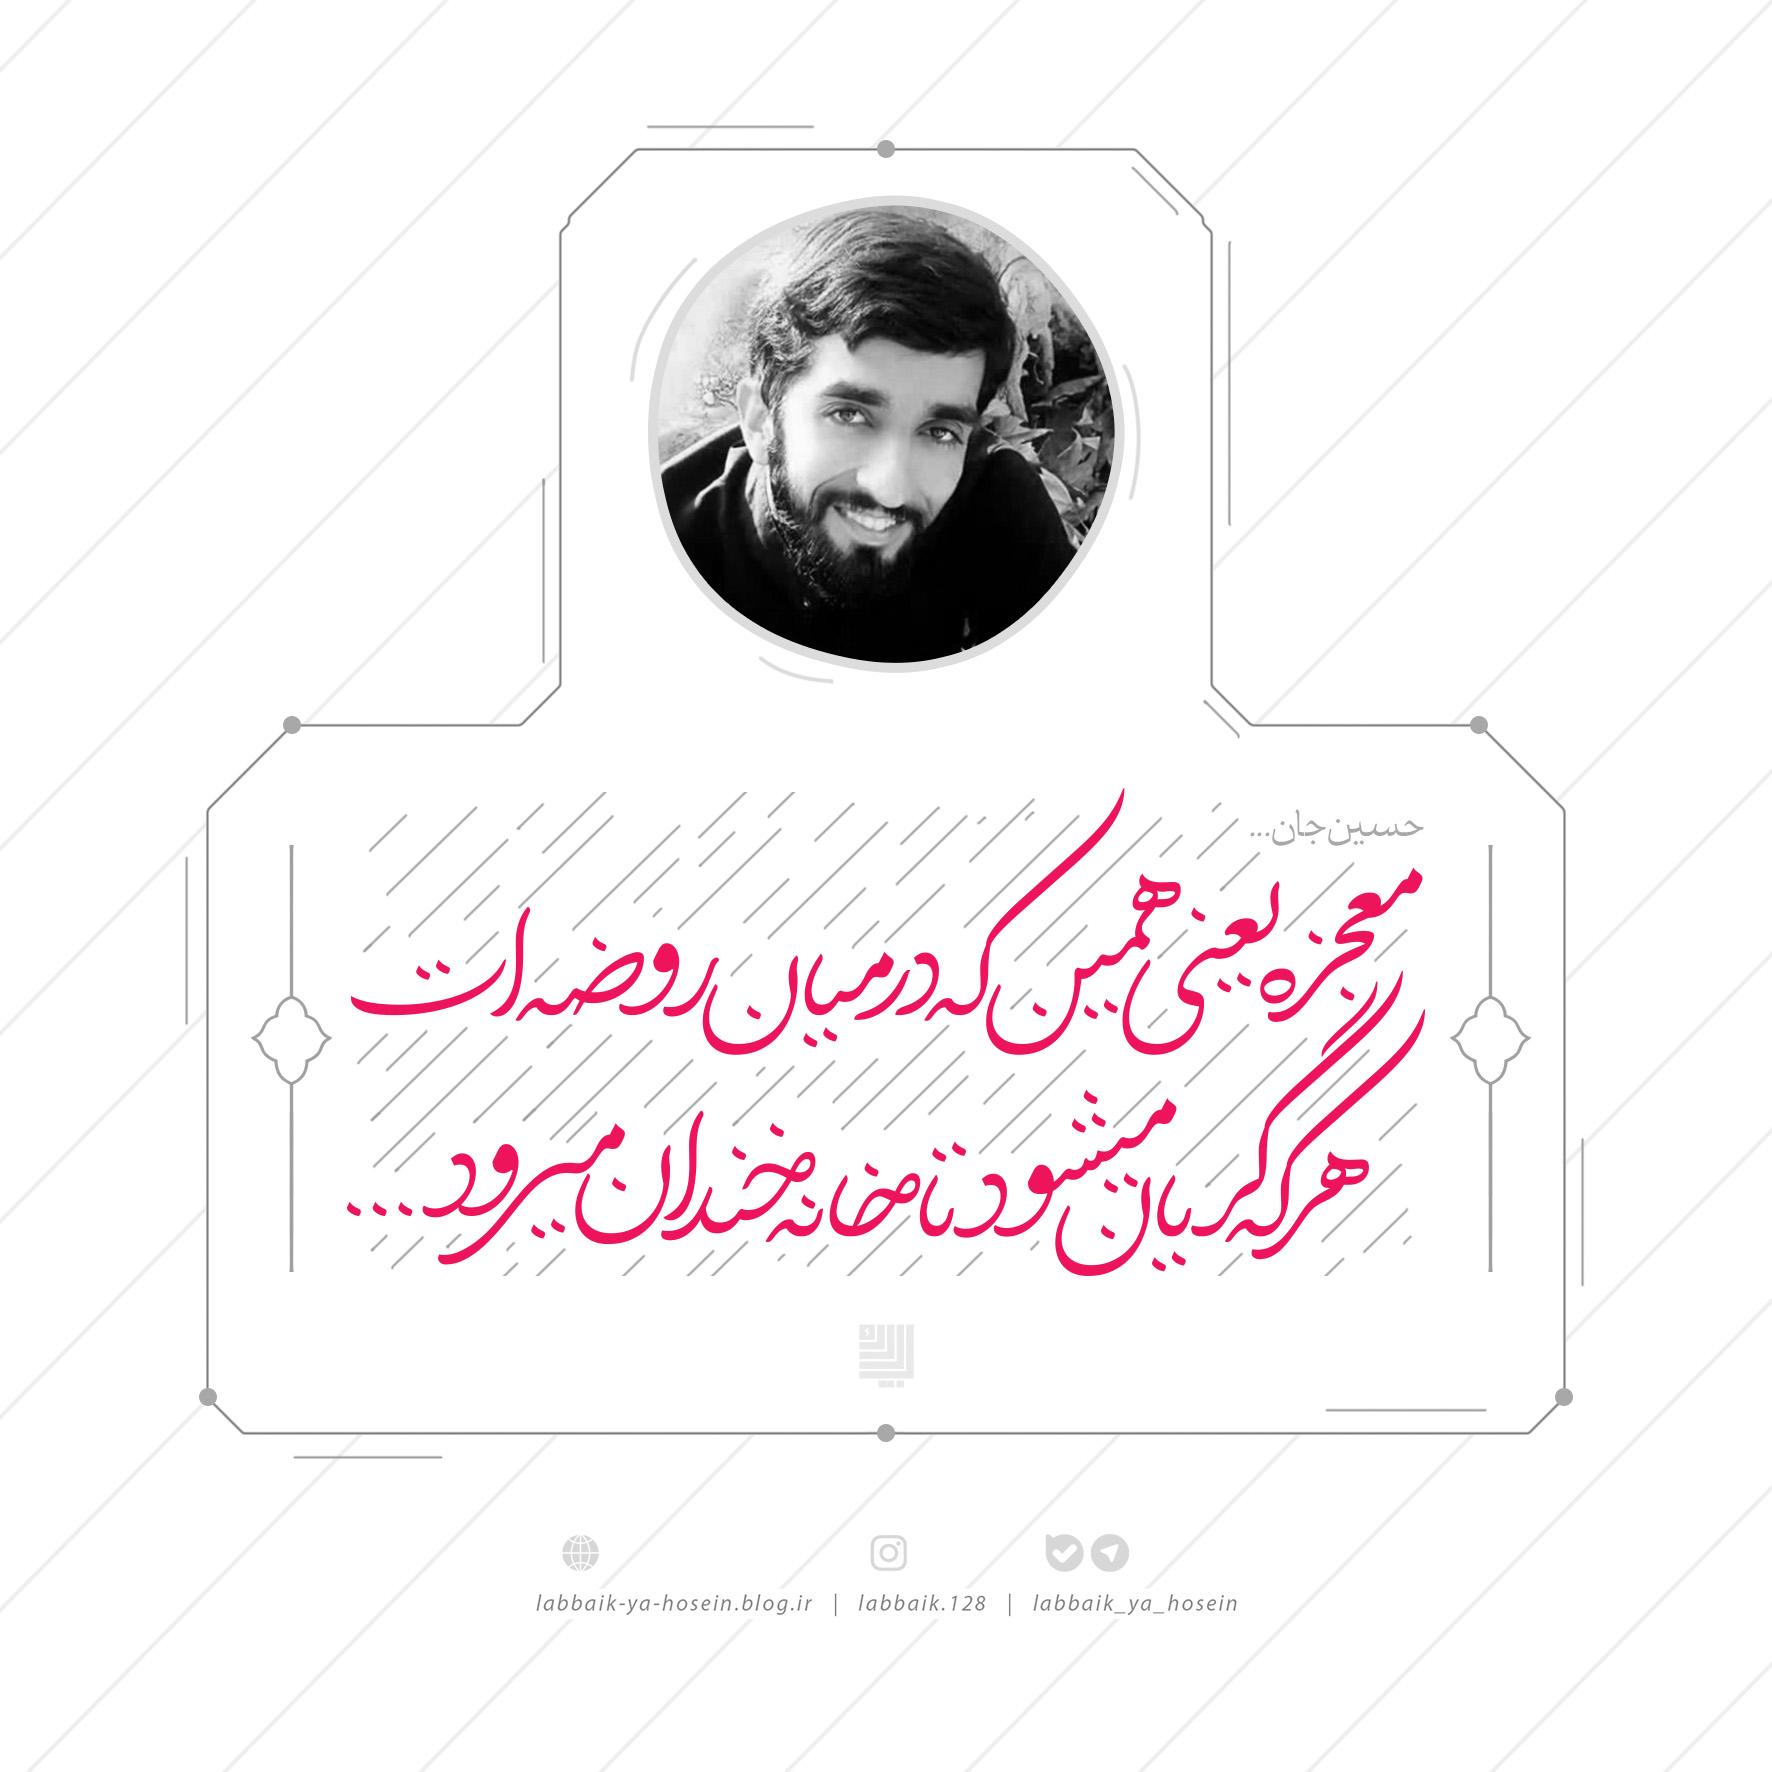 پوستر شهید حججی